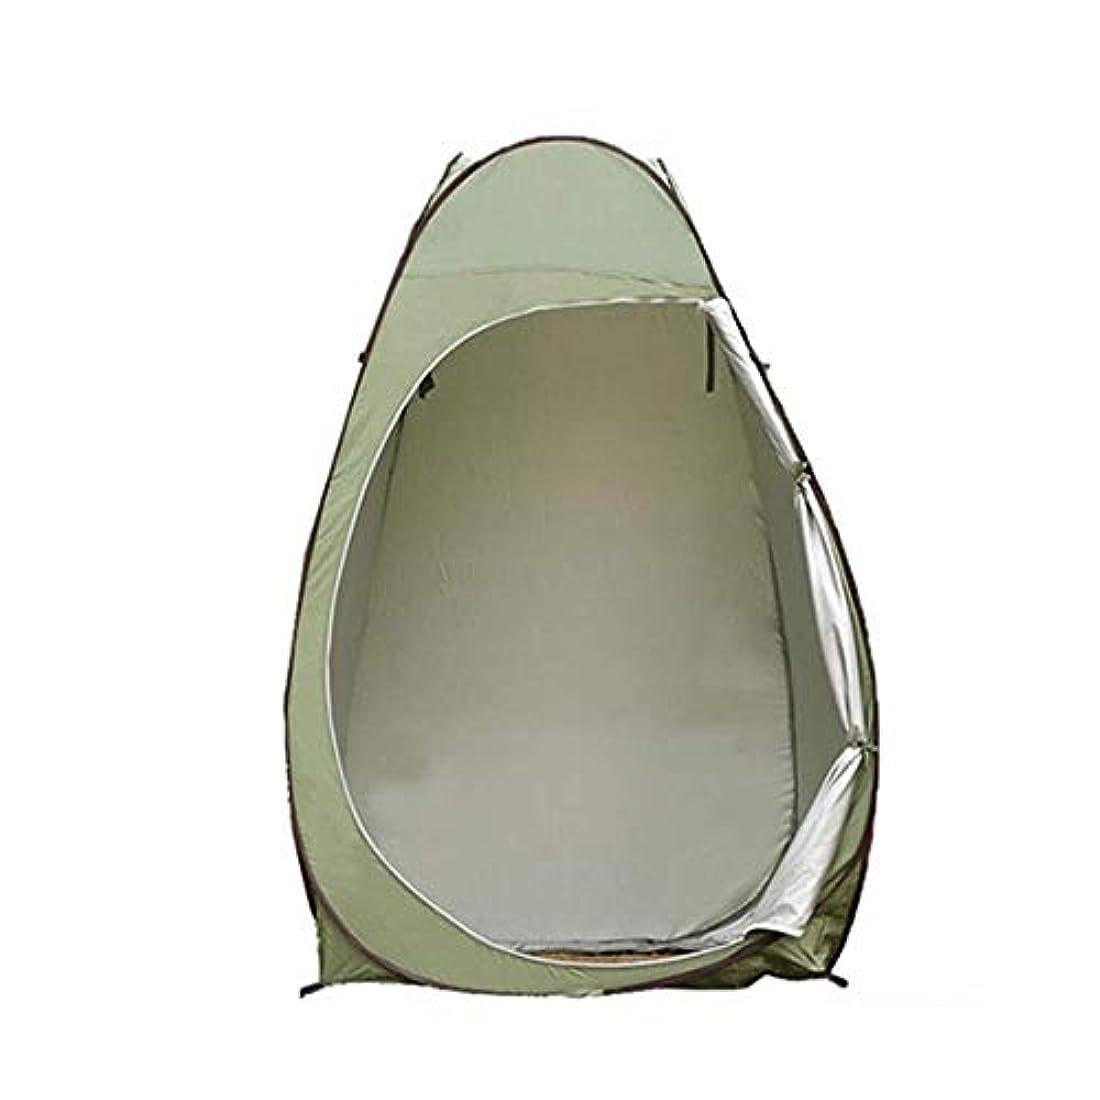 思いやりのある制限する軽蔑するWangbobo 家族2-3人のためのキャンプテント、屋外のキャンプのハイキングのための超軽量のバックパッキングテント、防水二重層のドームのテント